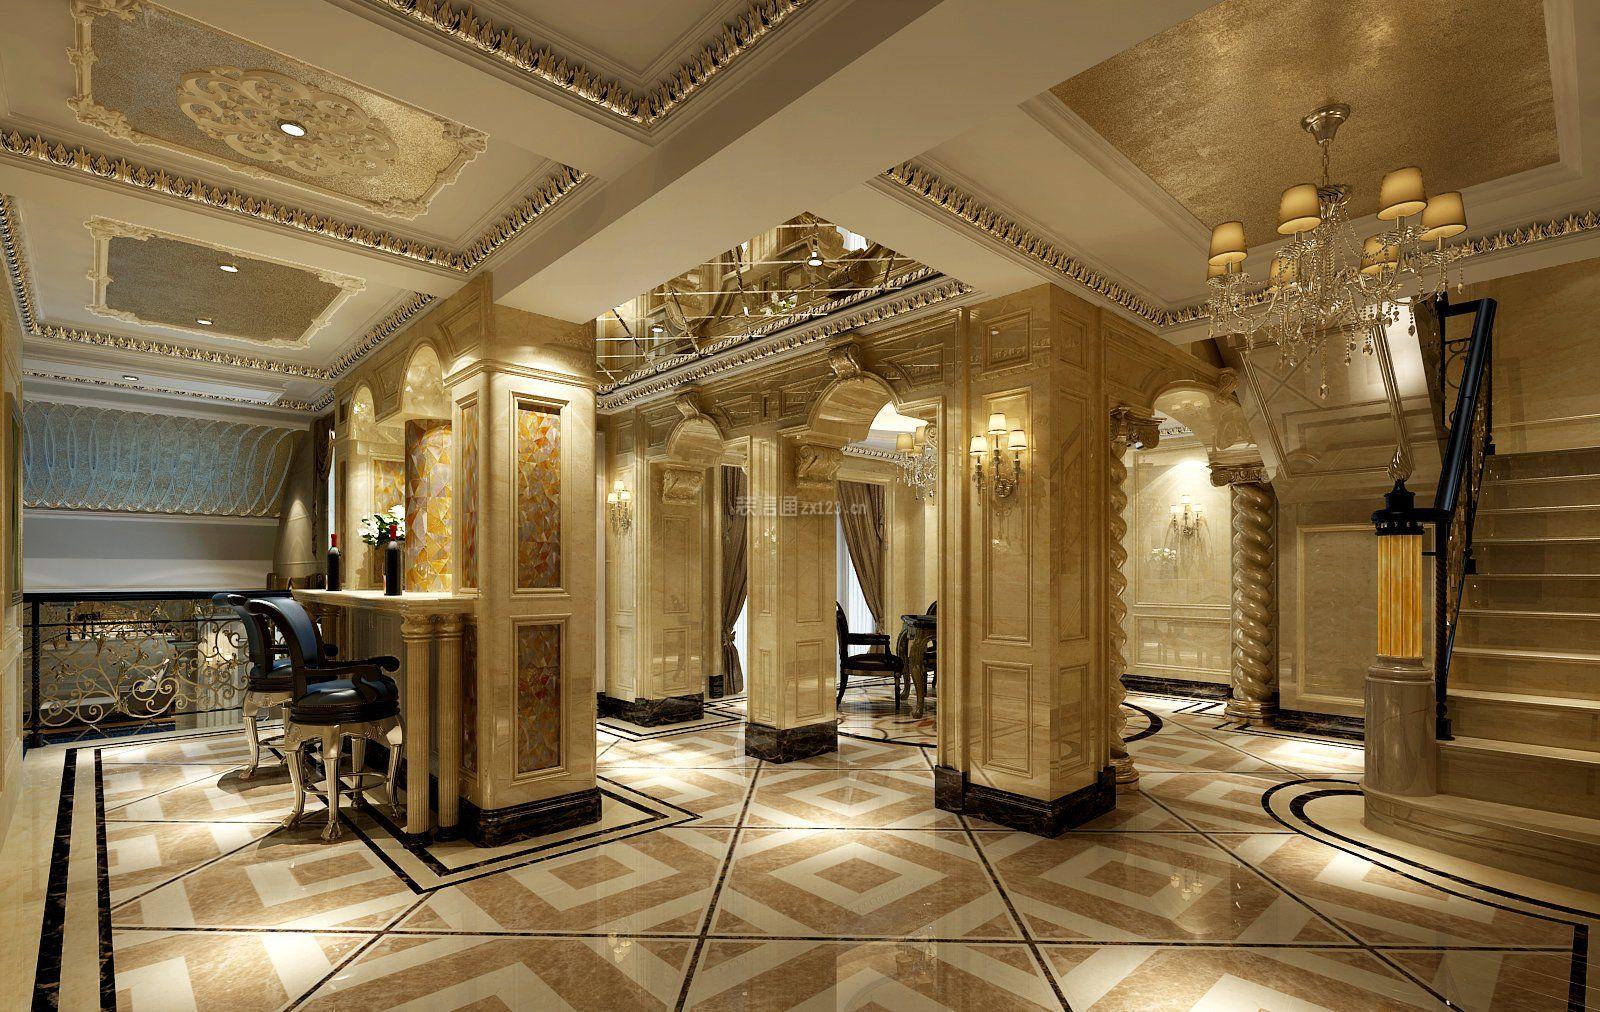 巴洛克风格别墅室内大厅装潢设计图片